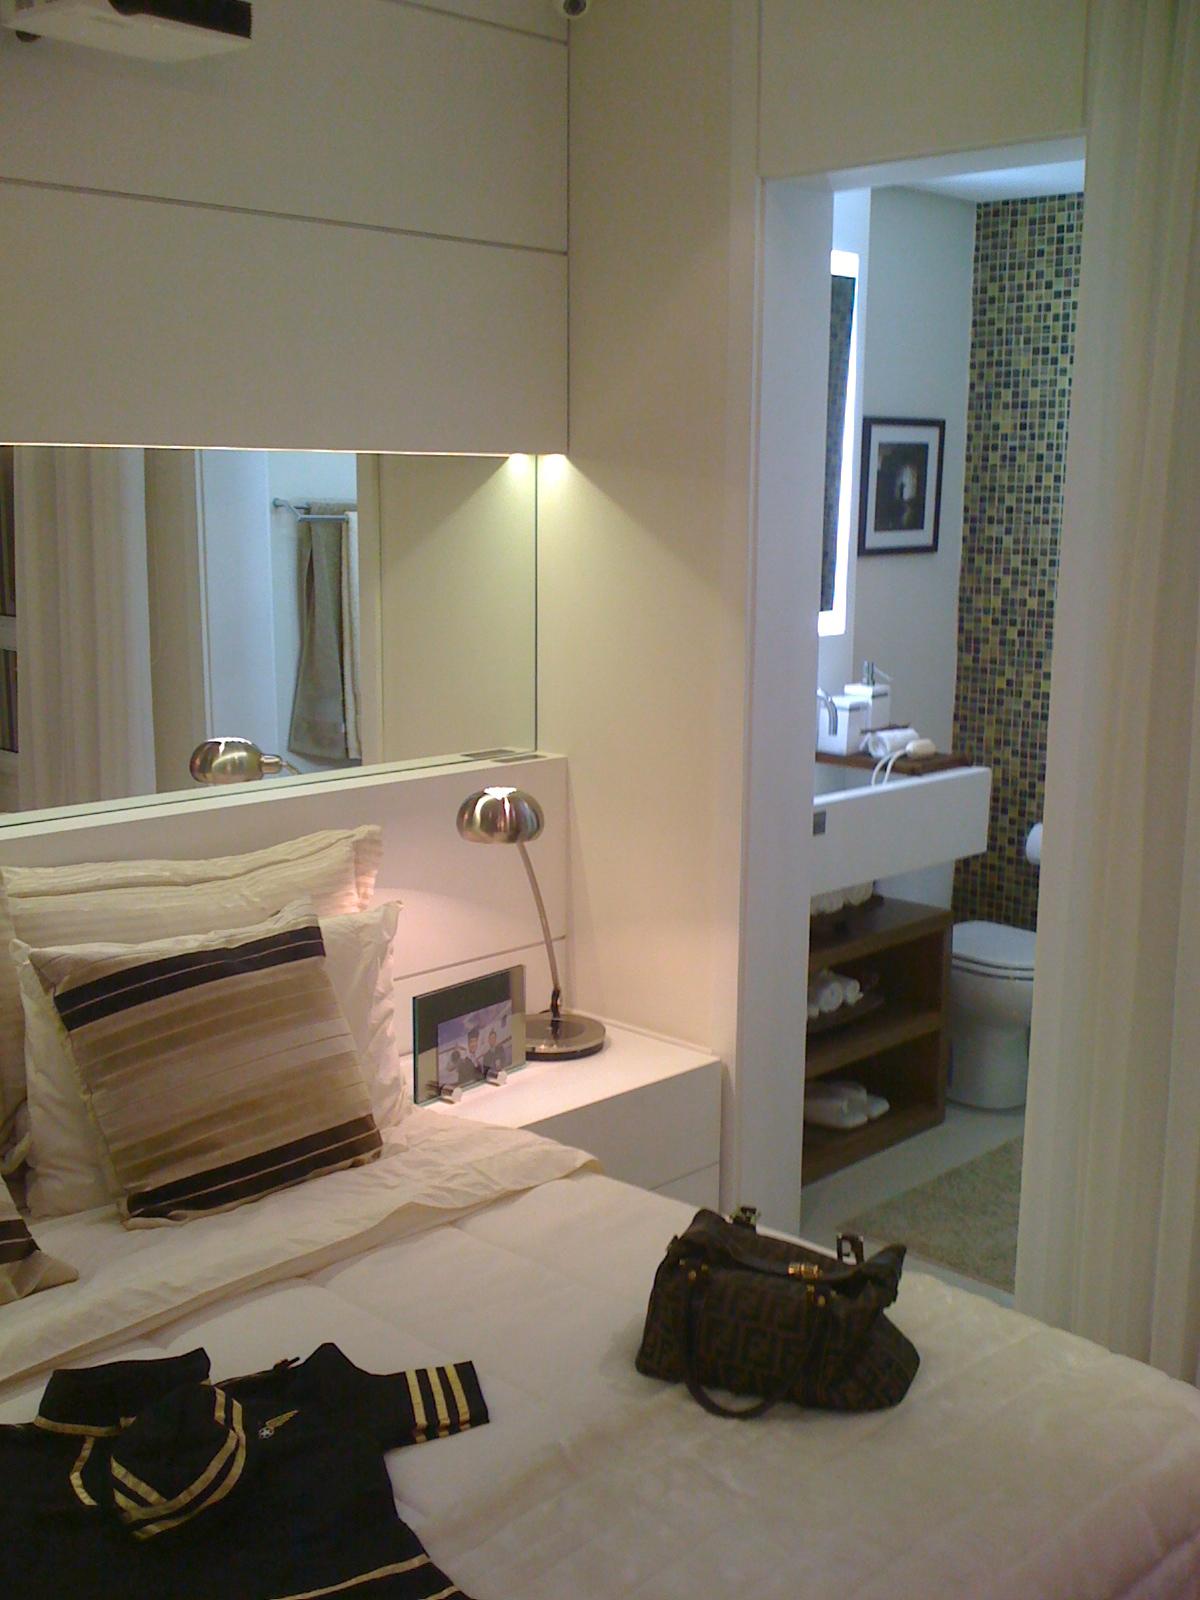 Sua Casa , Seu Espelho Os truques do apartamento decorado -> Banheiro Decorado Ap